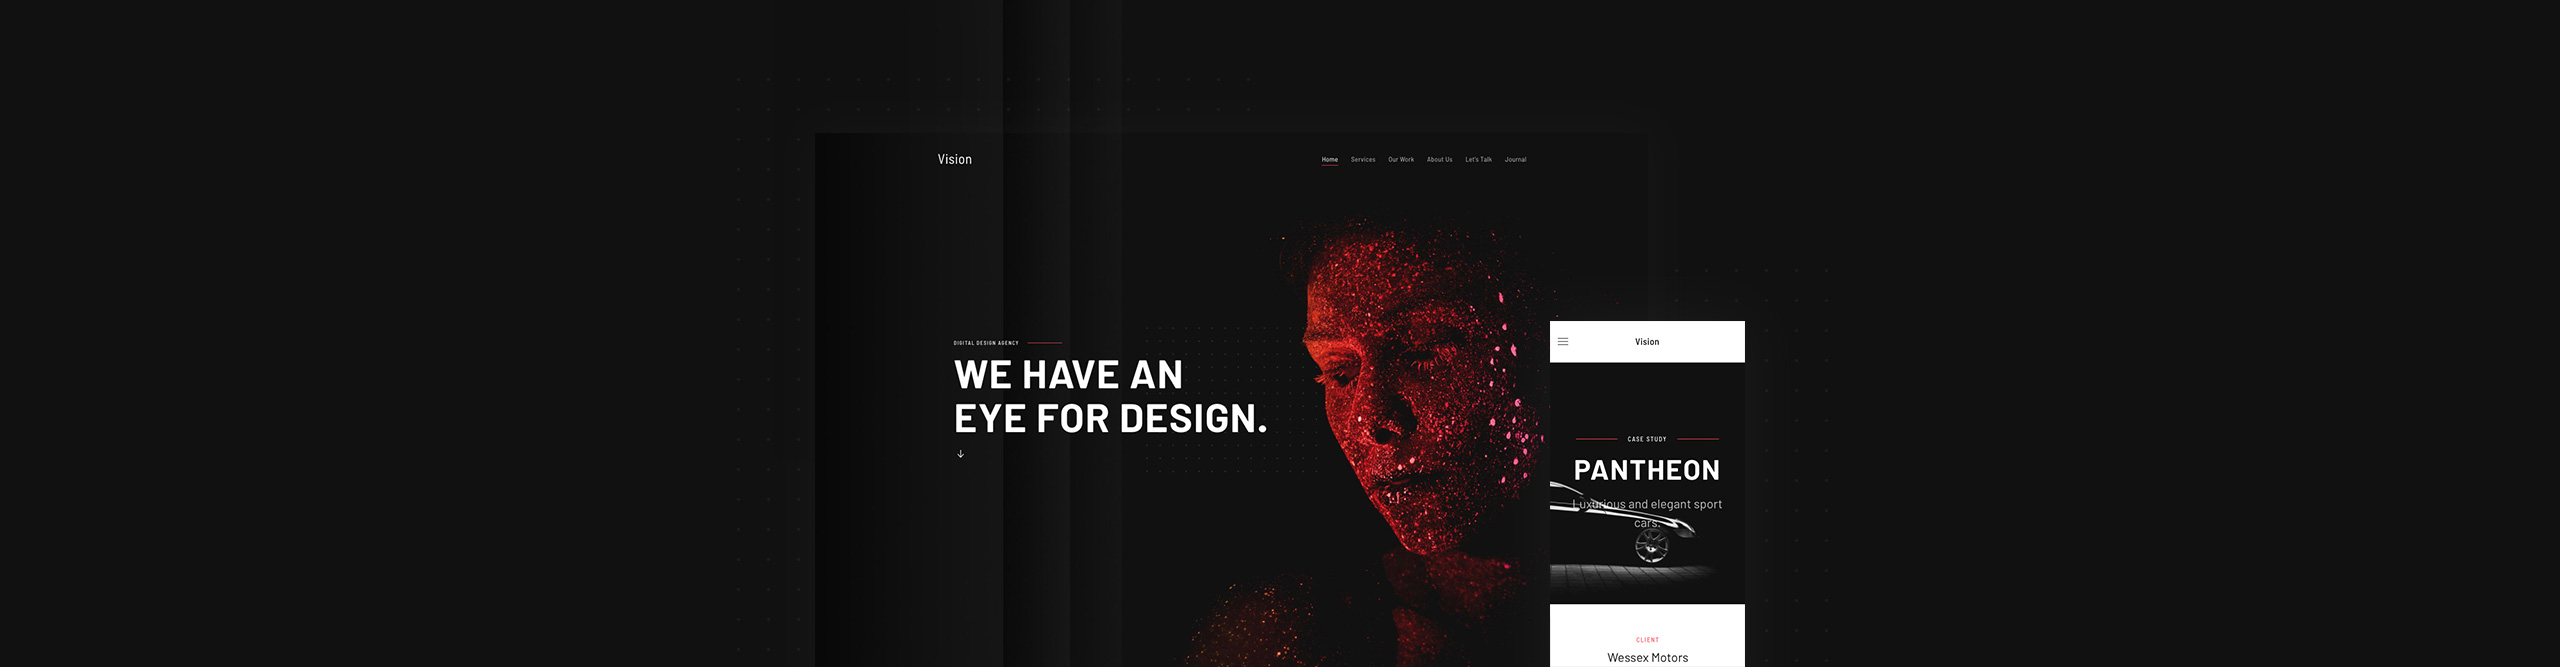 Vision Theme for YOOtheme Pro - YOOtheme